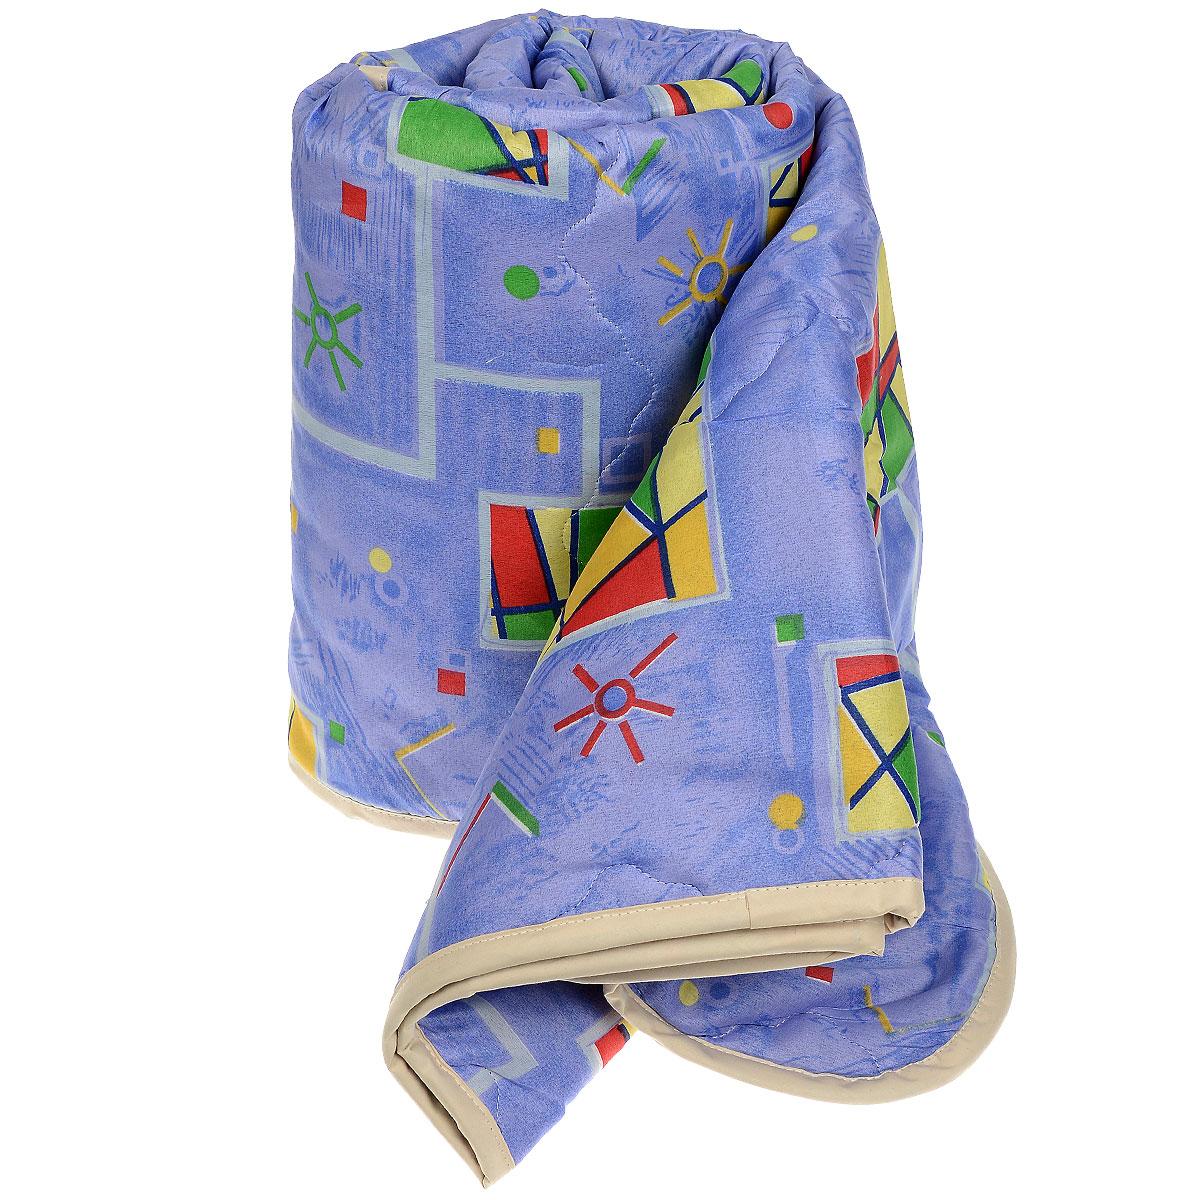 Одеяло всесезонное OL-Tex Геометрия, наполнитель: полиэфирное волокно Holfiteks, 140 см х 205 смМХПЭ-15-3_синий, геометрияВсесезонное одеяло OL-Tex Геометрия создаст комфорт и уют во время сна. Стеганый чехол выполнен из полиэстера и оформлен красочным рисунком. Внутри - современный наполнитель из полиэфирного высокосиликонизированного волокна Holfiteks, упругий и качественный. Холфитекс - современный экологически чистый синтетический материал, изготовленный по новейшим технологиям. Его уникальность заключается в расположении волокон, которые позволяют моментально восстанавливать форму и сохранять ее долгое время. Изделия с использованием Холфитекса очень удобны в эксплуатации - их можно часто стирать без потери потребительских свойств, они быстро высыхают, не впитывают запахов и совершенно гиппоаллергенны. Холфитекс также обеспечивает хорошую терморегуляцию, поэтому изделия с наполнителем из холфитекса очень комфортны в использовании. Одеяло с современным упругим наполнителем Холфитекс порадует вас в любое время года. Оно комфортно согревает и создает отличный микроклимат. За одеялом легко ухаживать, можно стирать в стиральной машинке.Рекомендации по уходу:- Ручная и машинная стирка при температуре 30°С.- Не гладить.- Не отбеливать. - Нельзя отжимать и сушить в стиральной машине.- Сушить вертикально. Размер одеяла: 140 см х 205 см. Материал чехла: 100% полиэстер. Материал наполнителя: полиэфирное высокосиликонизированное волокно Holfiteks. Плотность наполнителя: 300 г/м2.